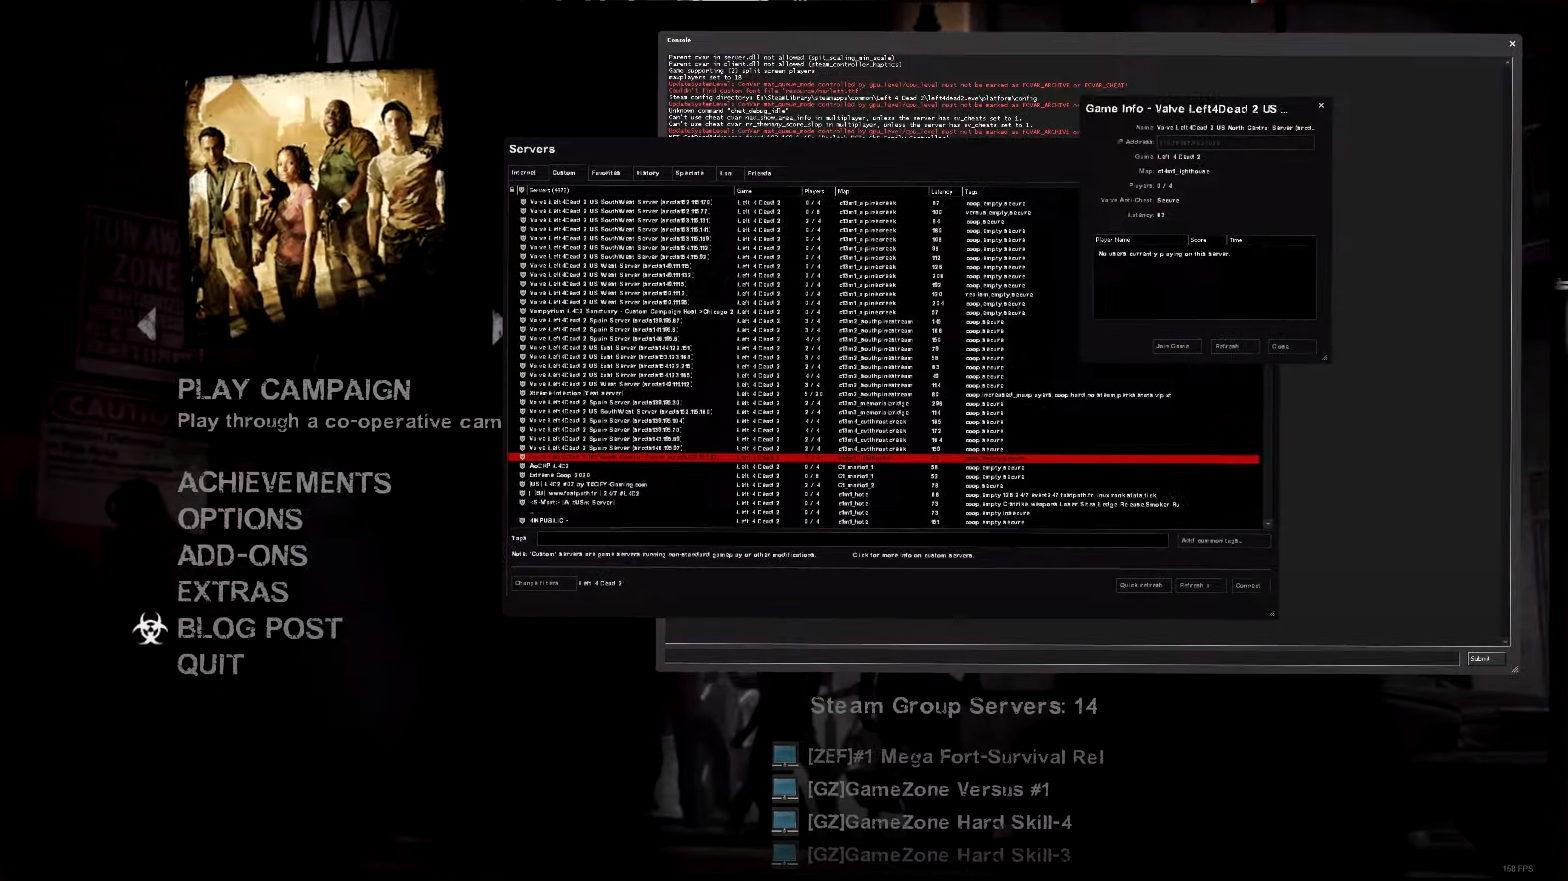 网传《求生之路2》将在年底发布更新 推出新战役